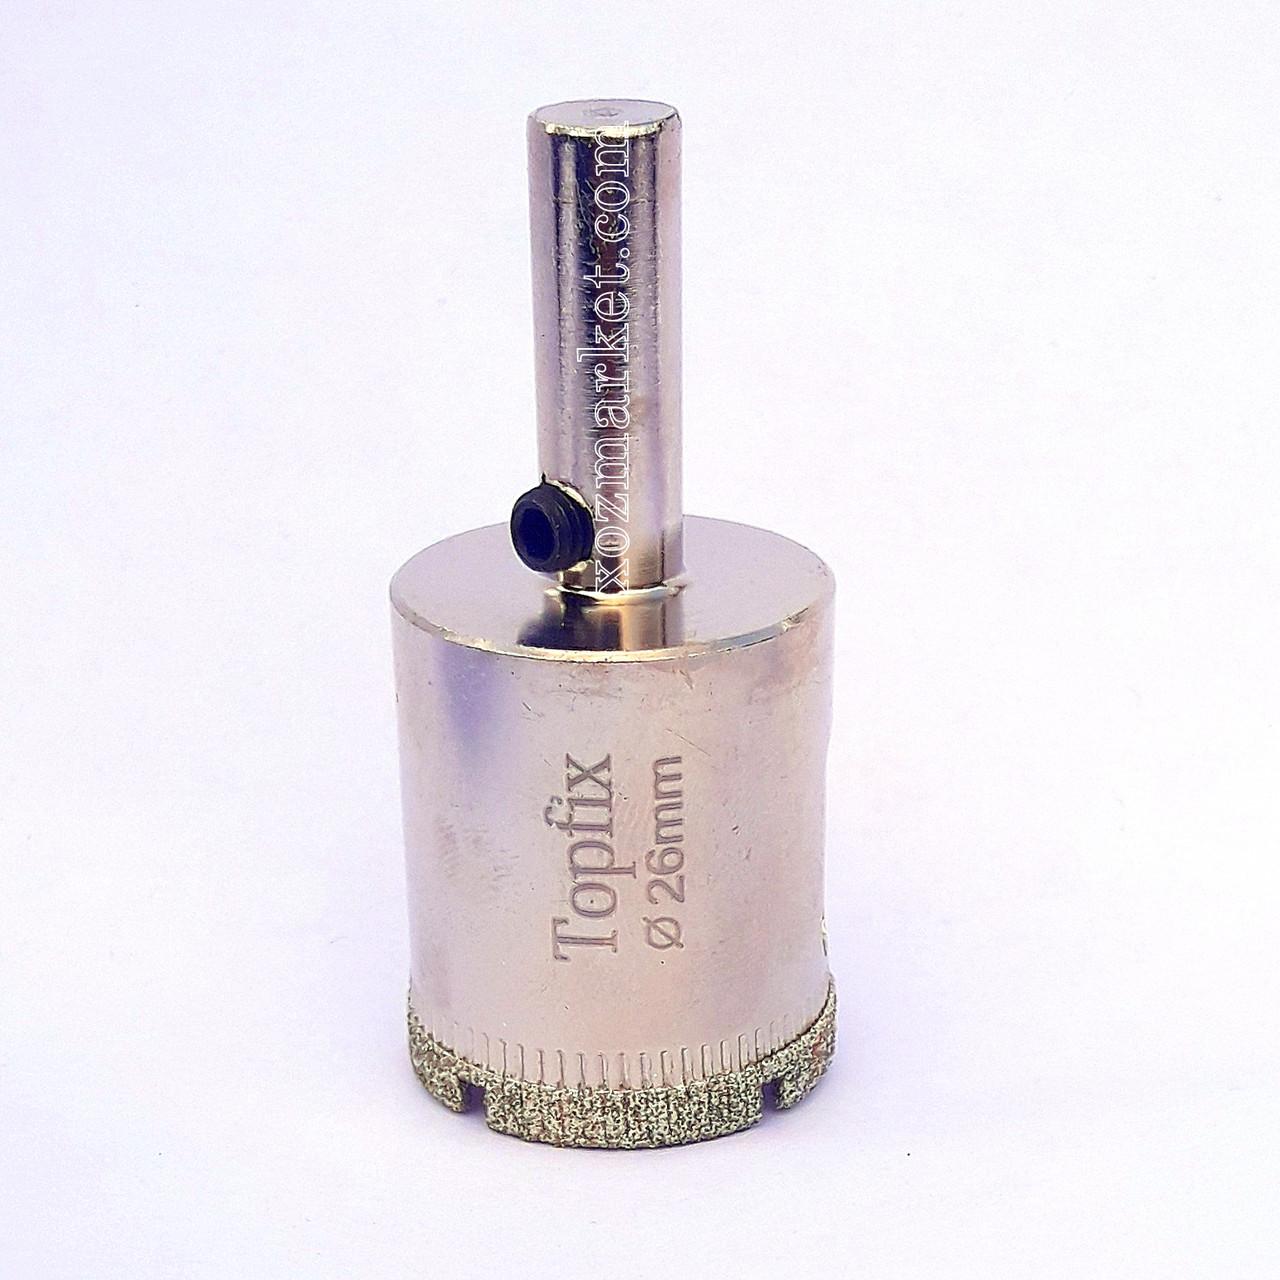 Коронка по склу та кераміці( Коронка по склу та кераміці) 6 мм